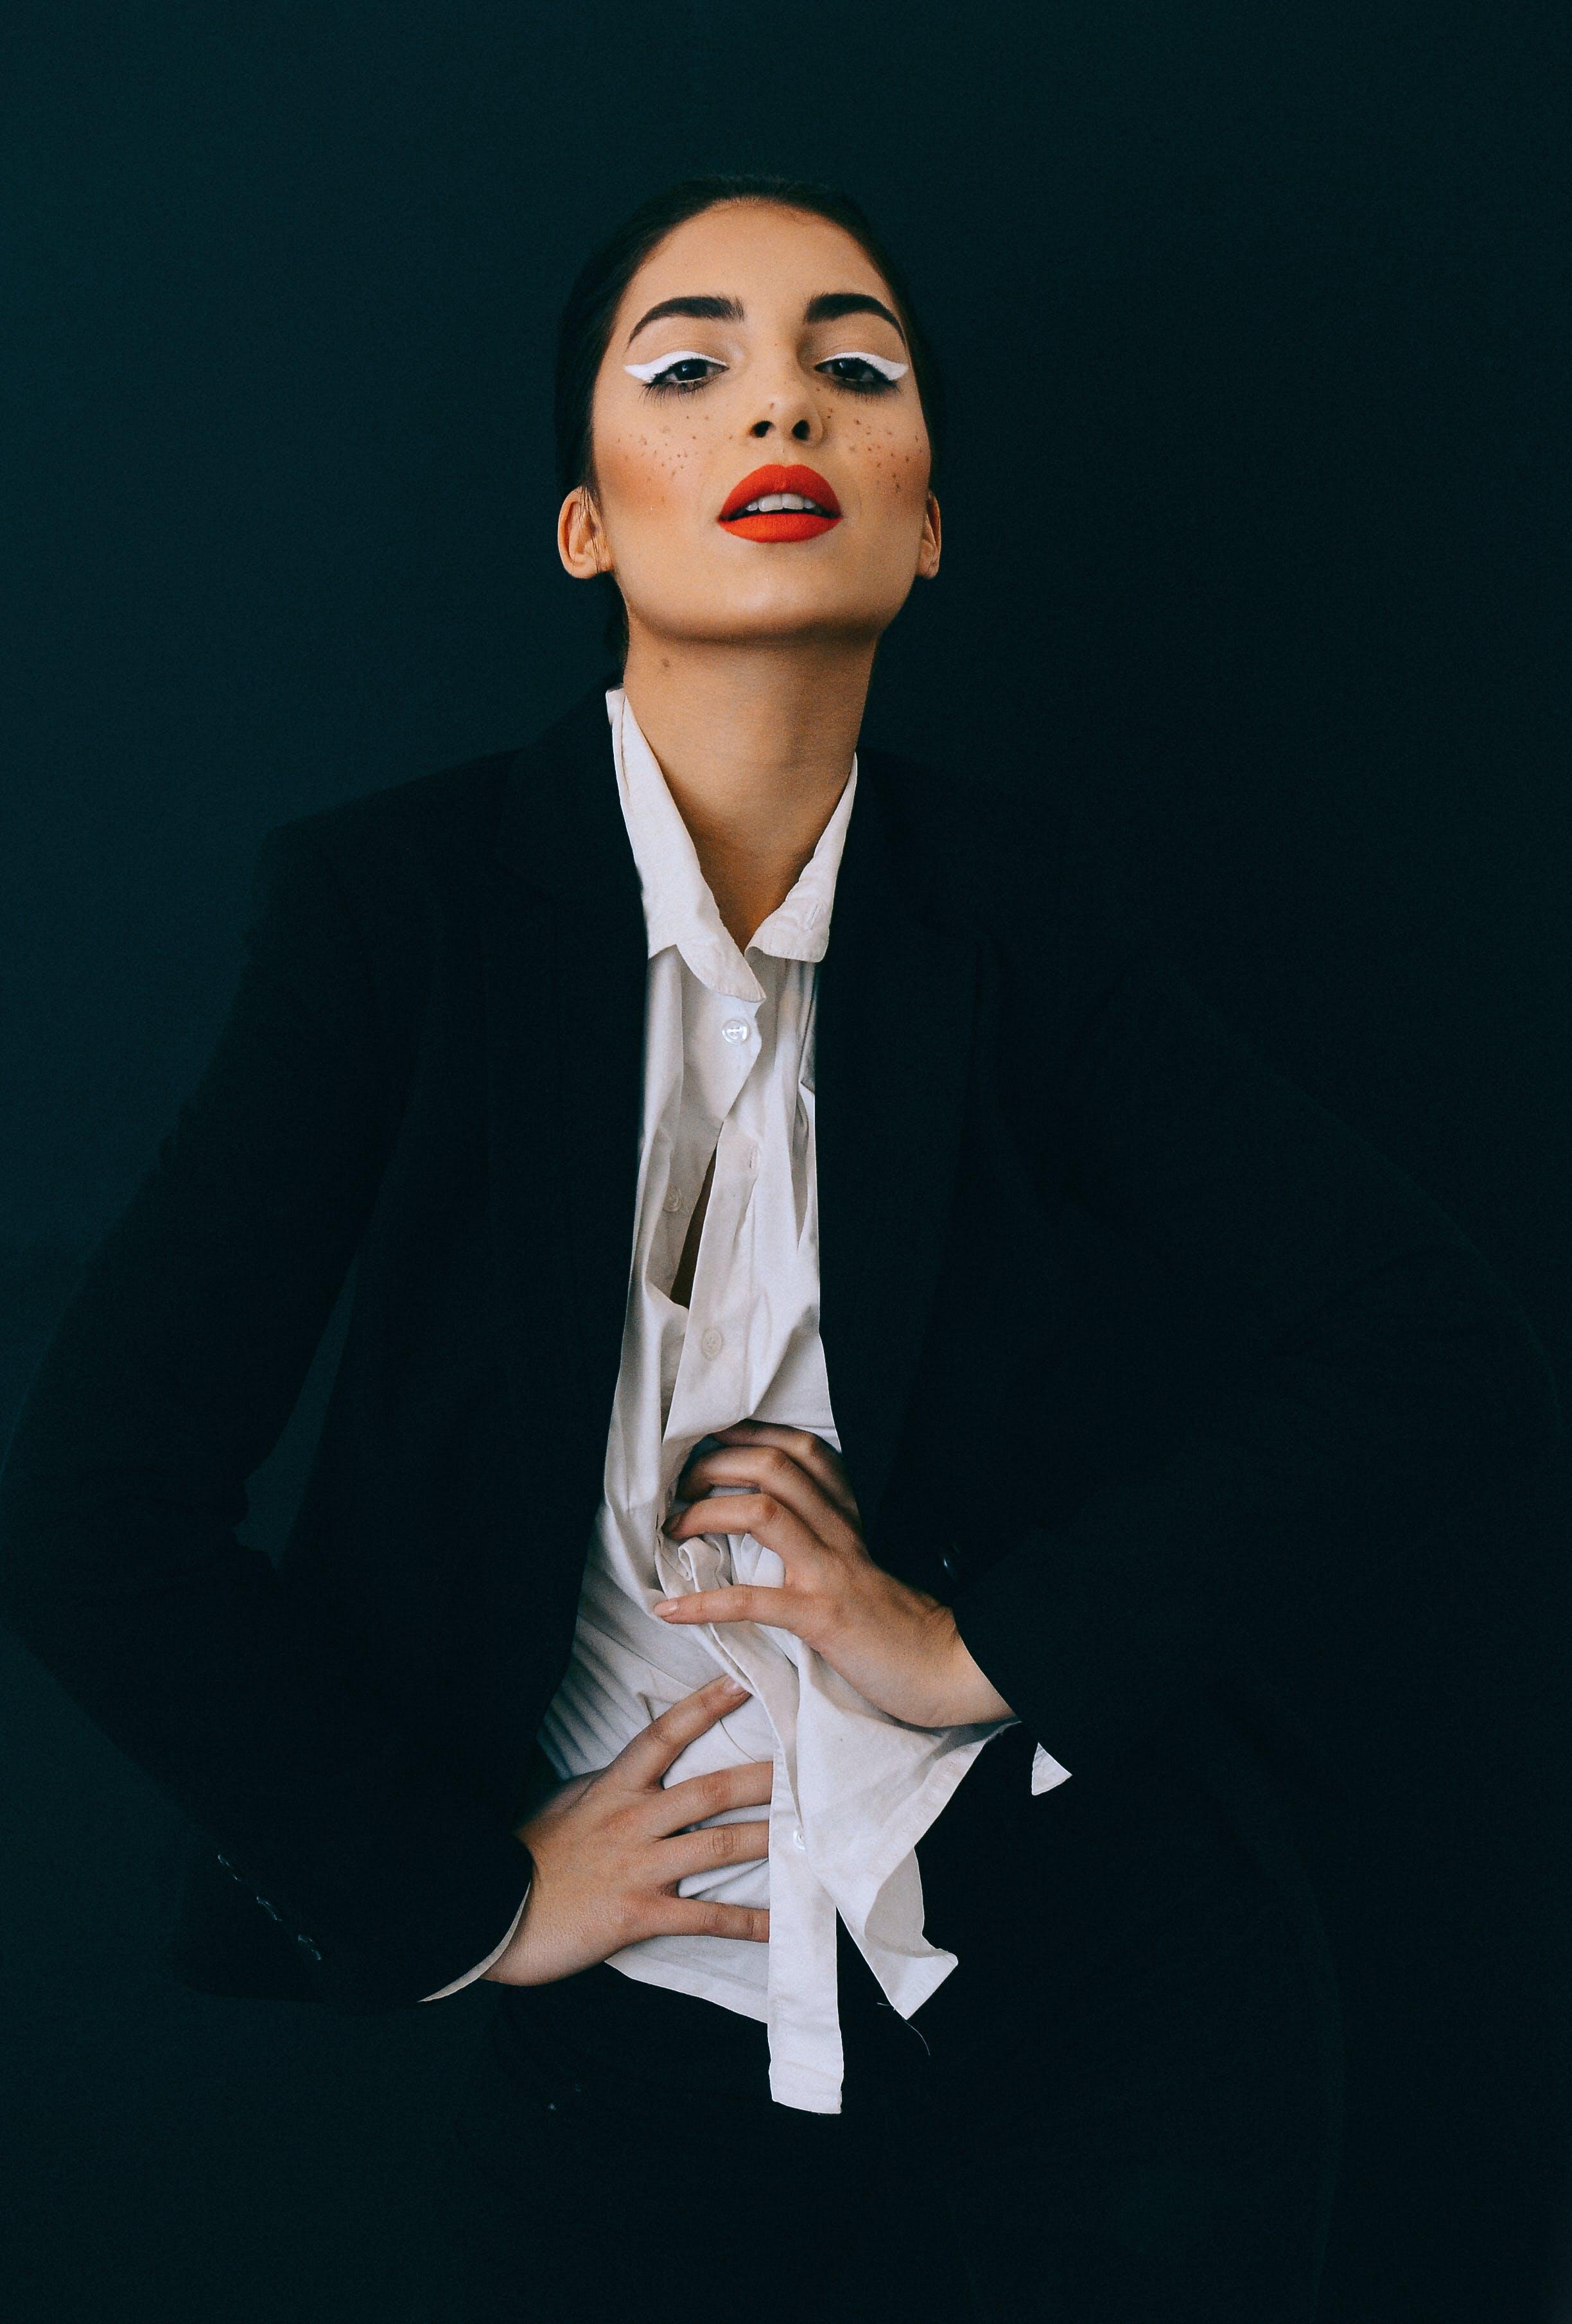 검은색, 검은색 배경, 매력적인, 모델의 무료 스톡 사진